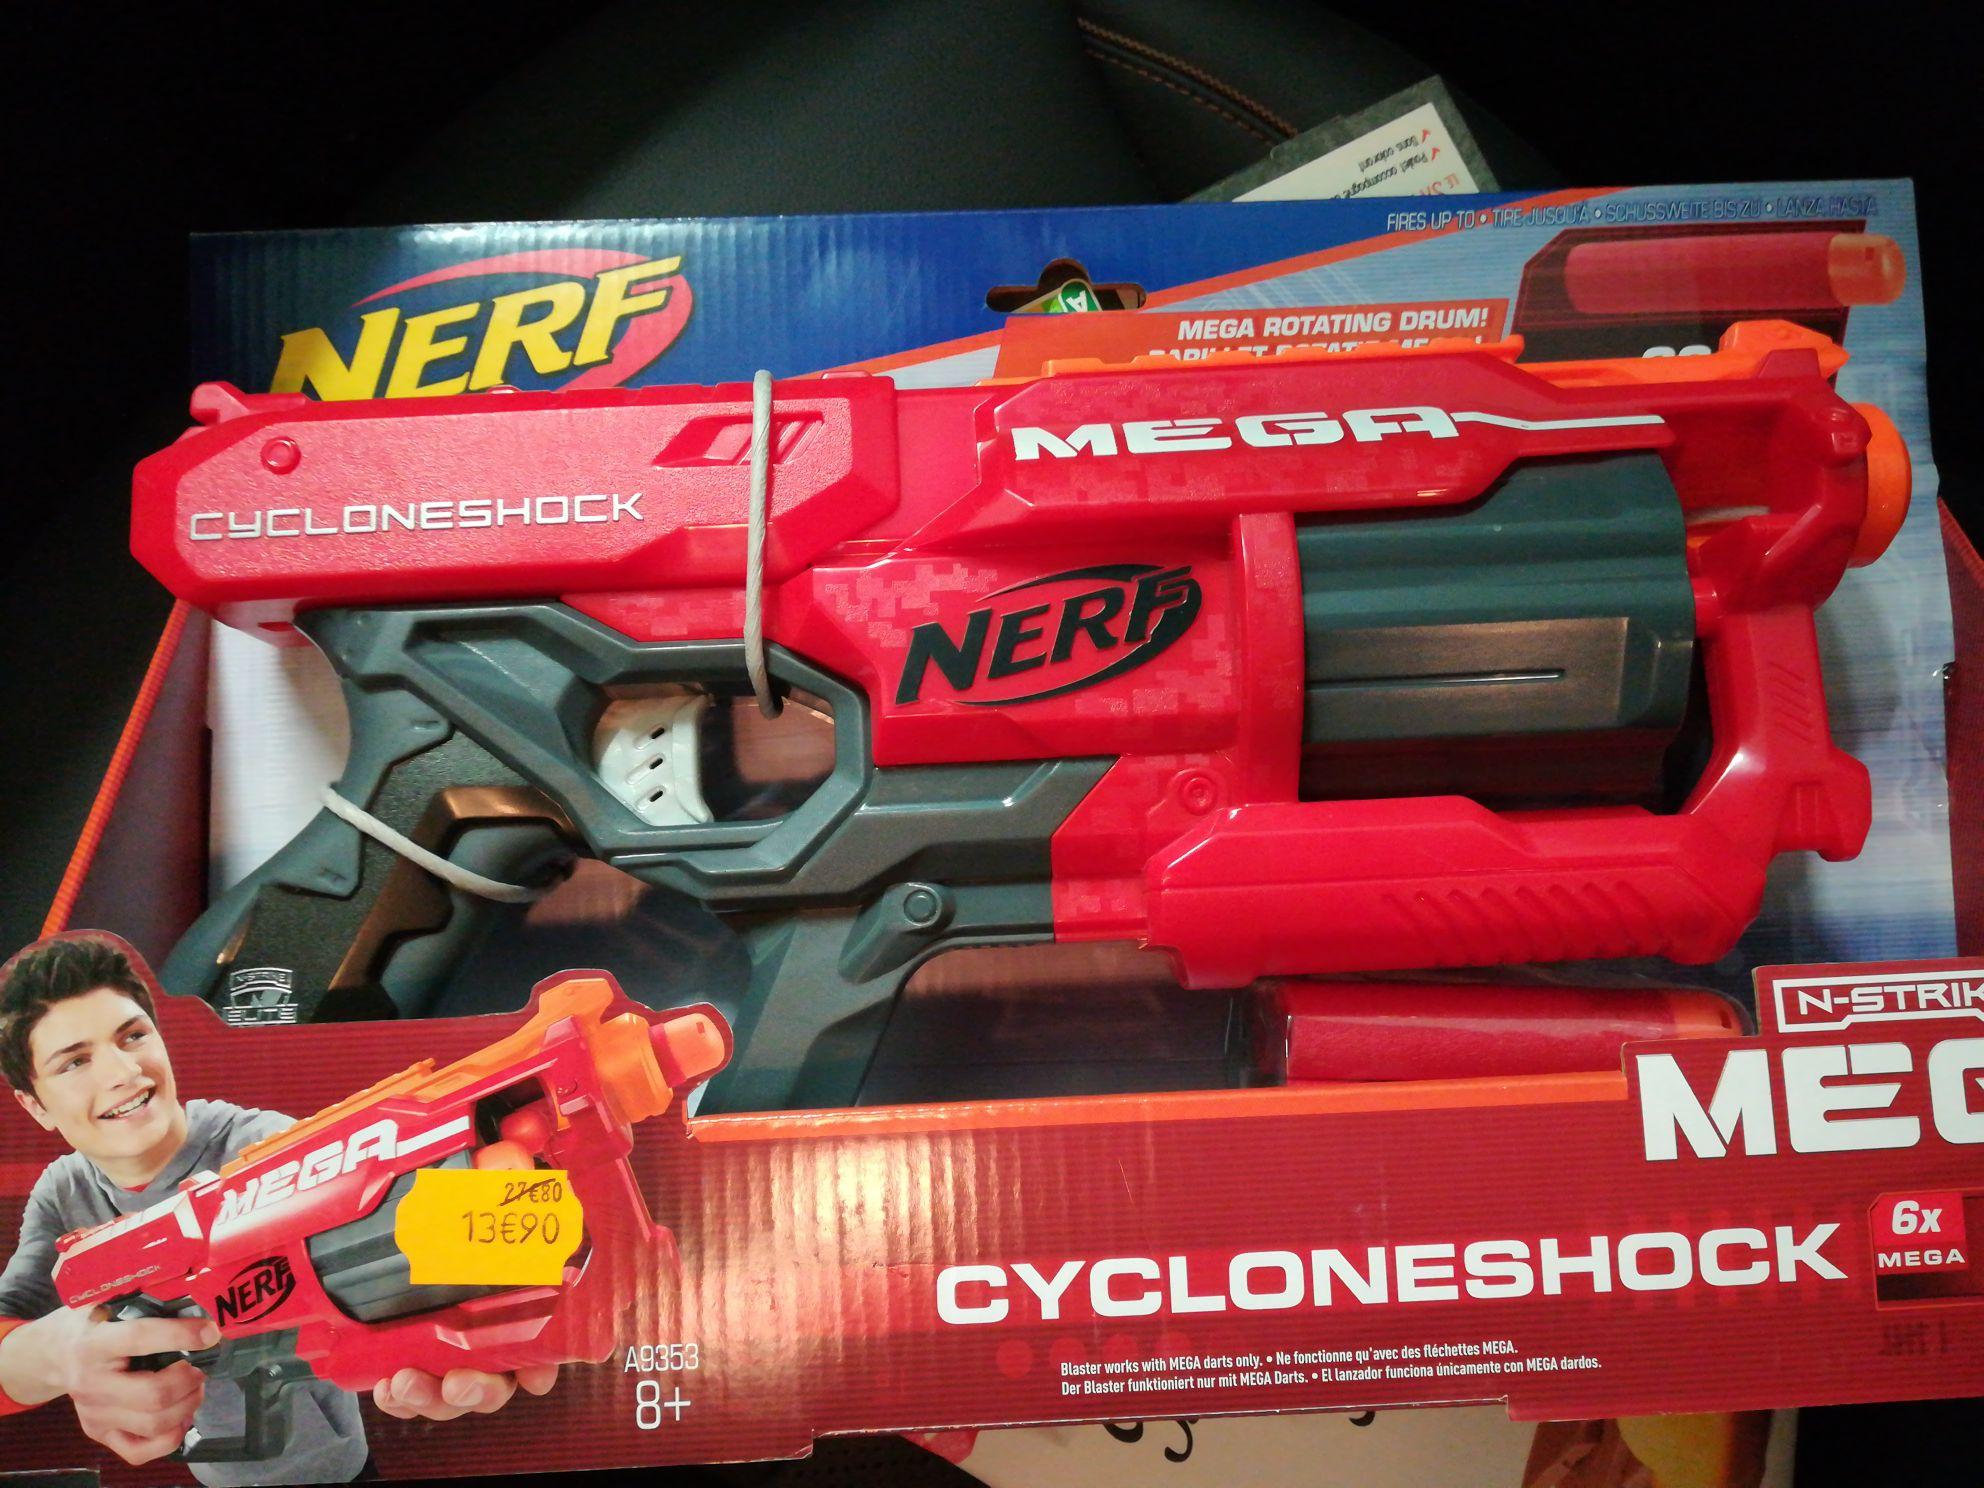 Pistolet Nerf cycloneshock - Carrefour Cesson Sévigné (35)